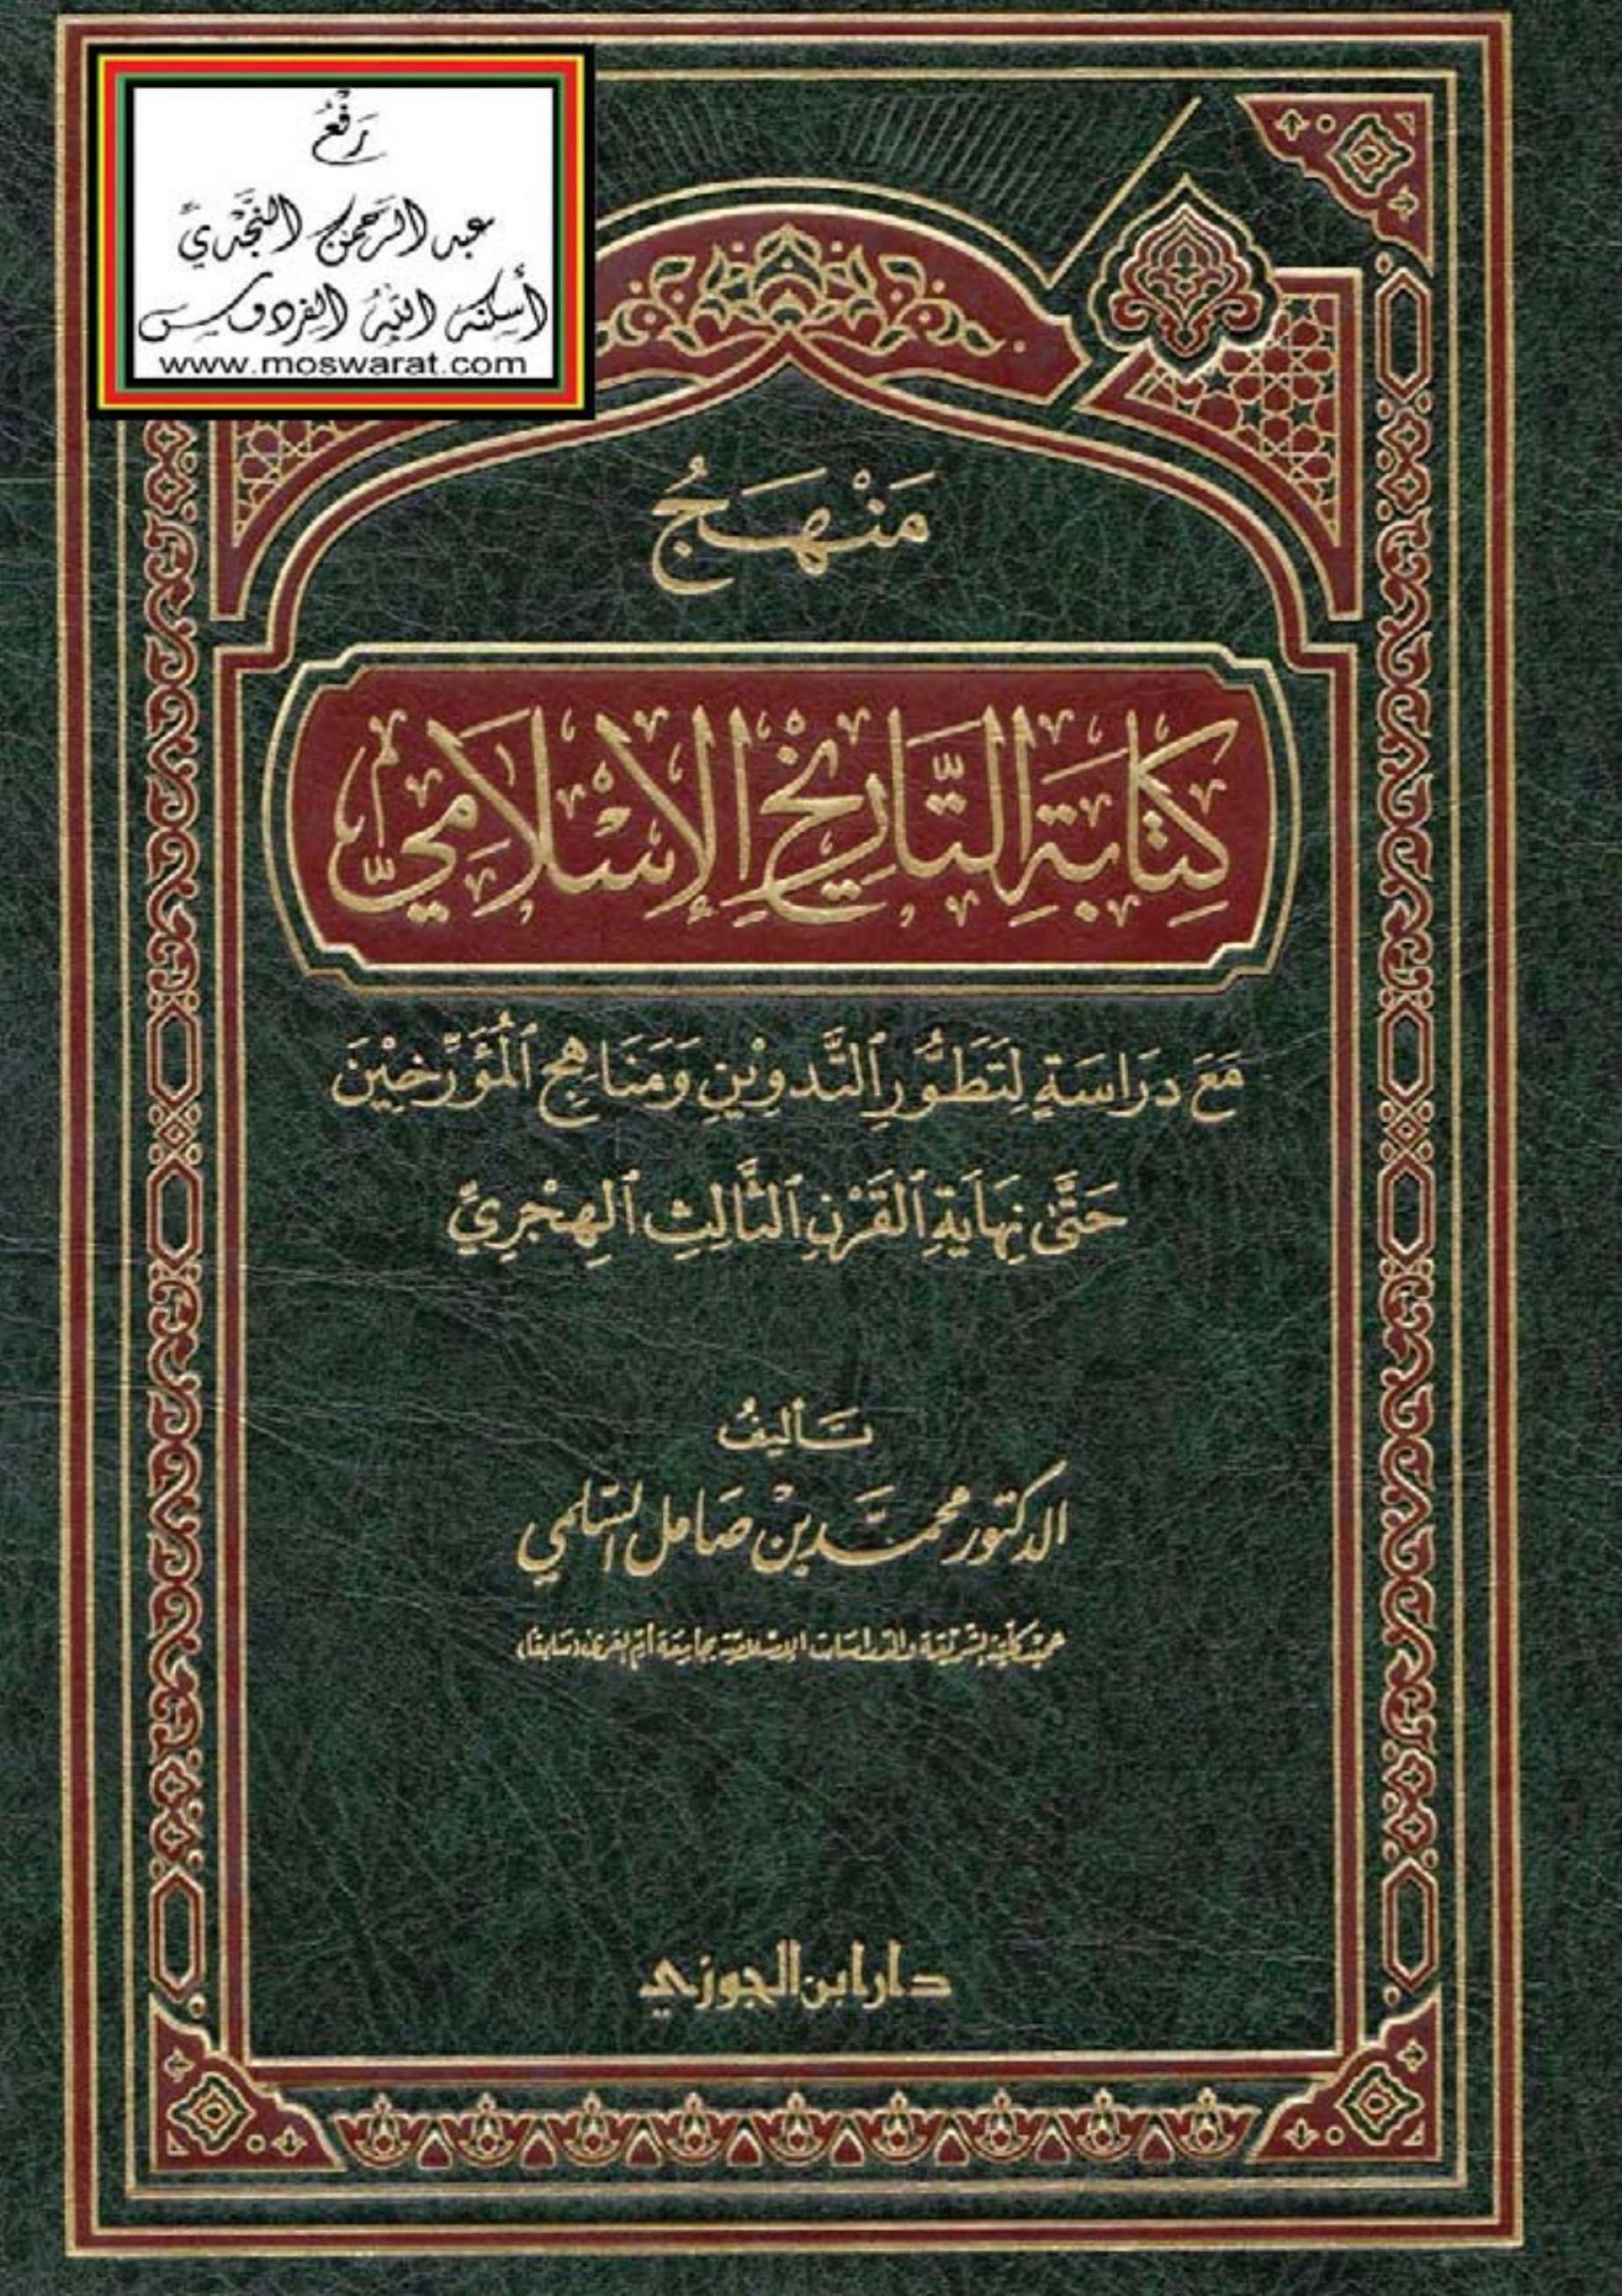 منهج كتابة التاريخ الإسلامي مع دراسة لتطور التدوين ومناهج المؤرخين حتى نهاية القرن الثالث الهجري Ebooks Free Books Books Free Download Pdf Download Books